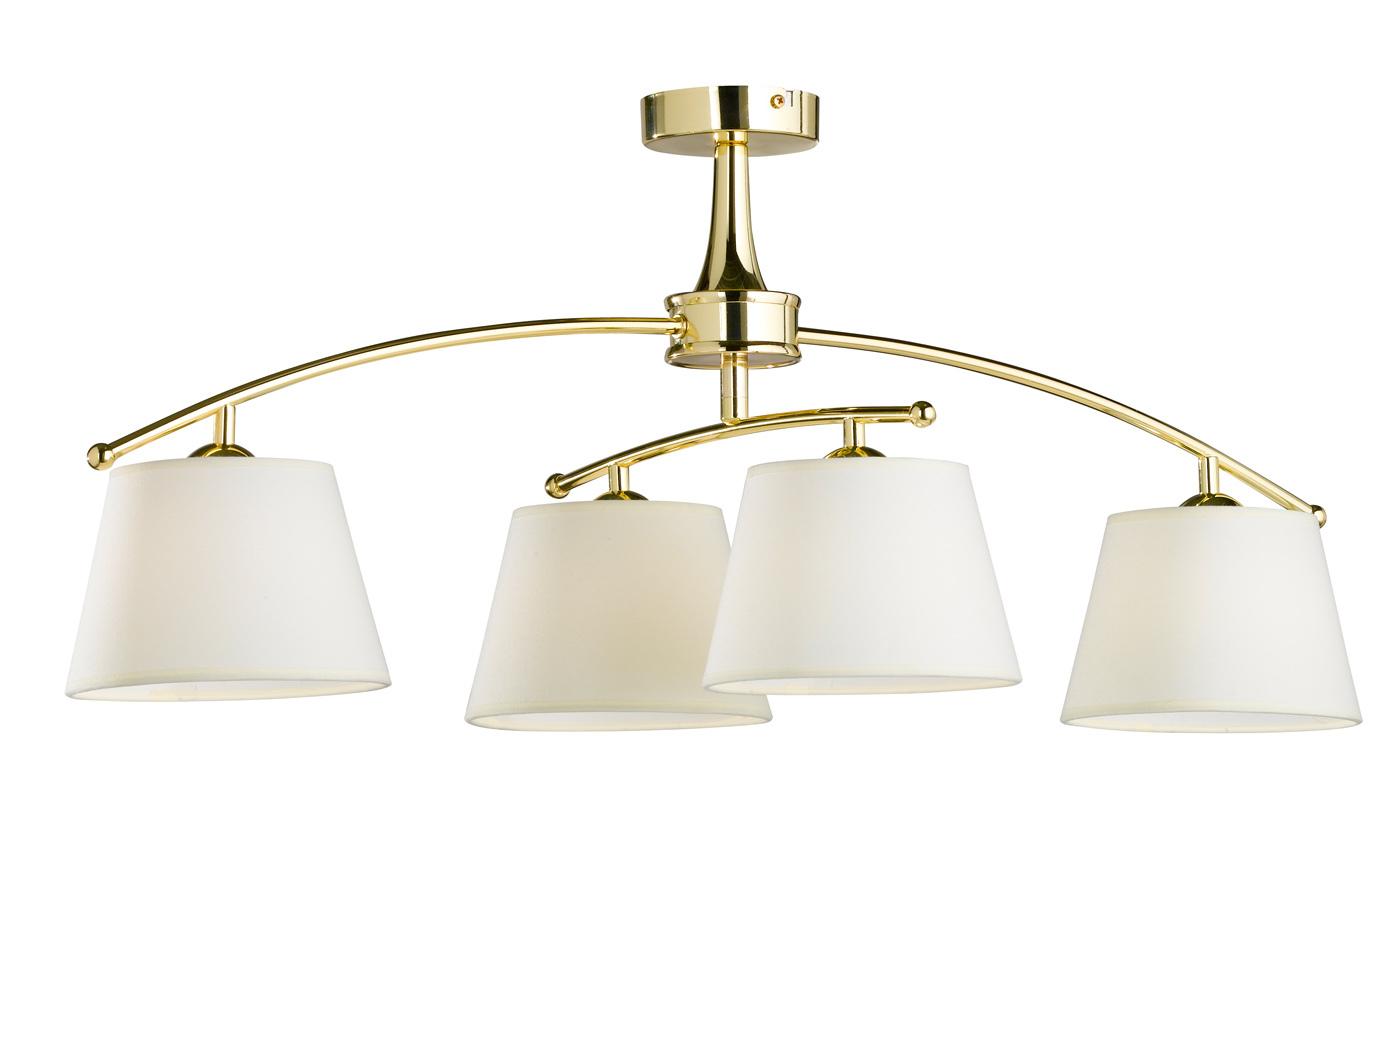 Malerisch Messing Deckenlampe Foto Von Schwenkbar, Poliert, Wohzimmerdeckenleuchte Bürolampe